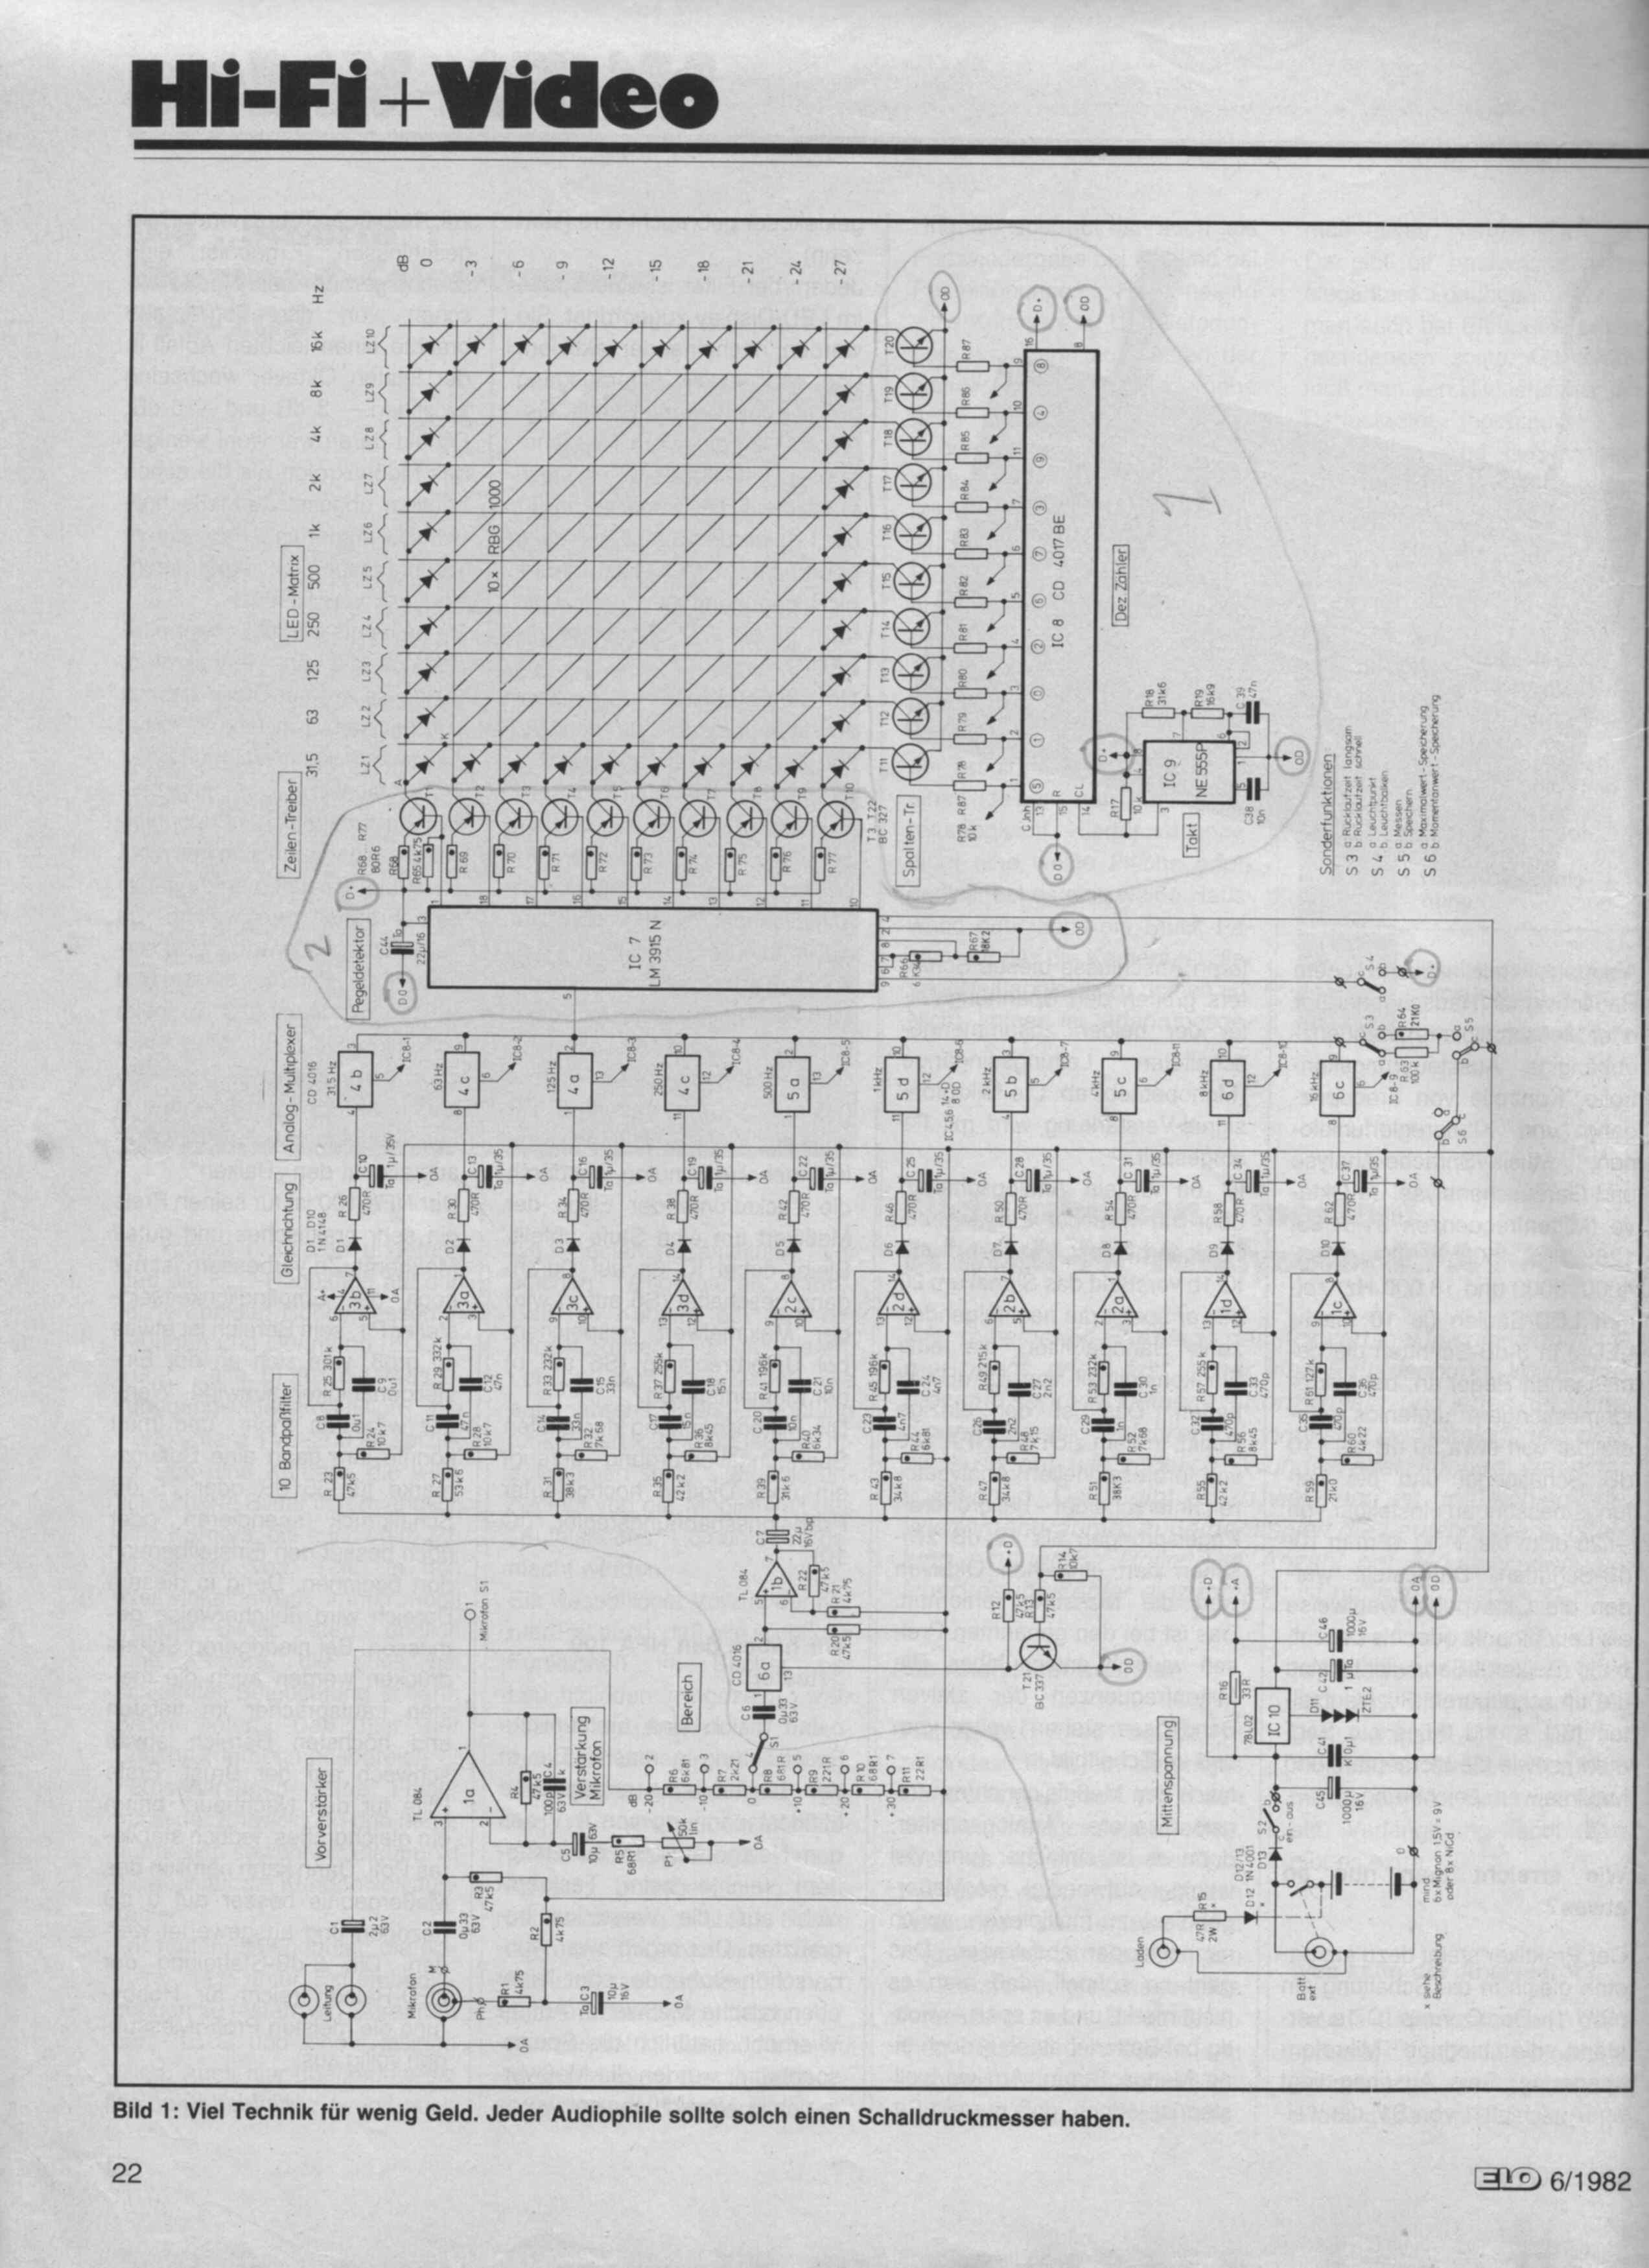 Spectrum Analyzer Doet Het Niet Forum Circuits Online Lm3915 Vu Meter Circuit Alleen Maar Met Meer Onderdelen En Weinig Info